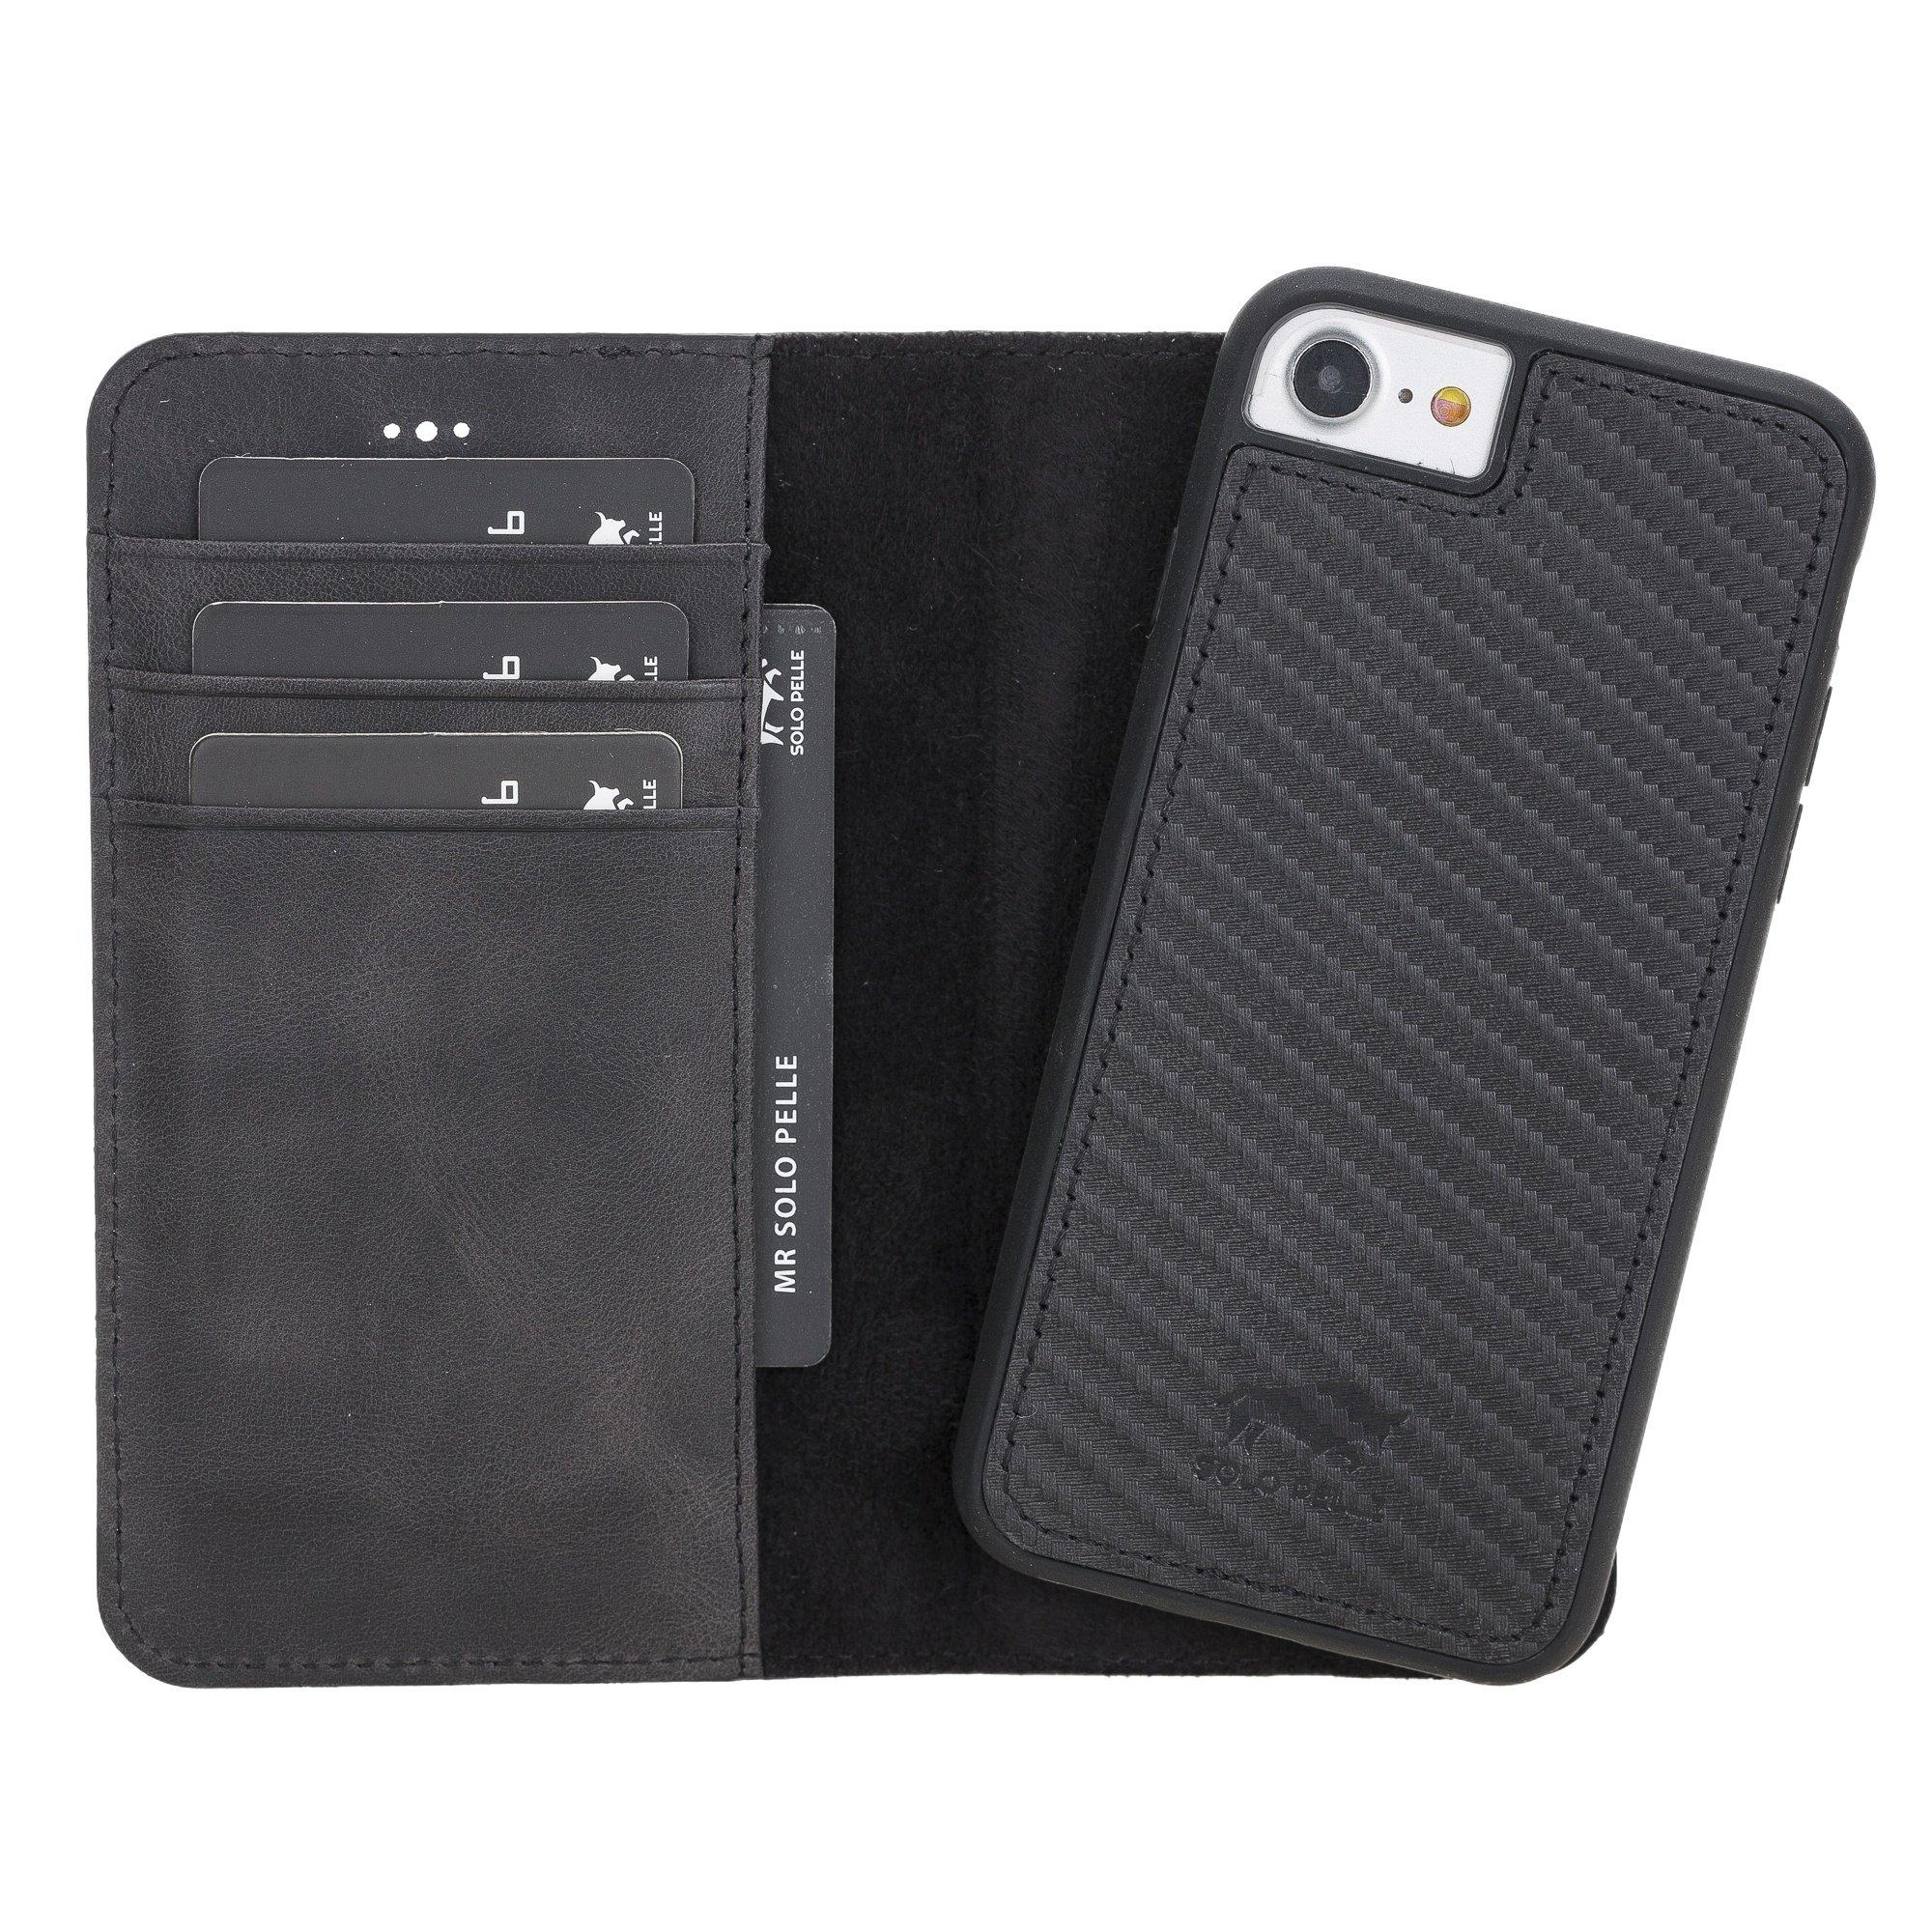 Solo Pelle iPhone SE 2020 / 7 / 8 abnehmbare Lederhülle (2in1) inkl. Kartenfächer für das original iPhone 7/8 (Carbon Prägung)